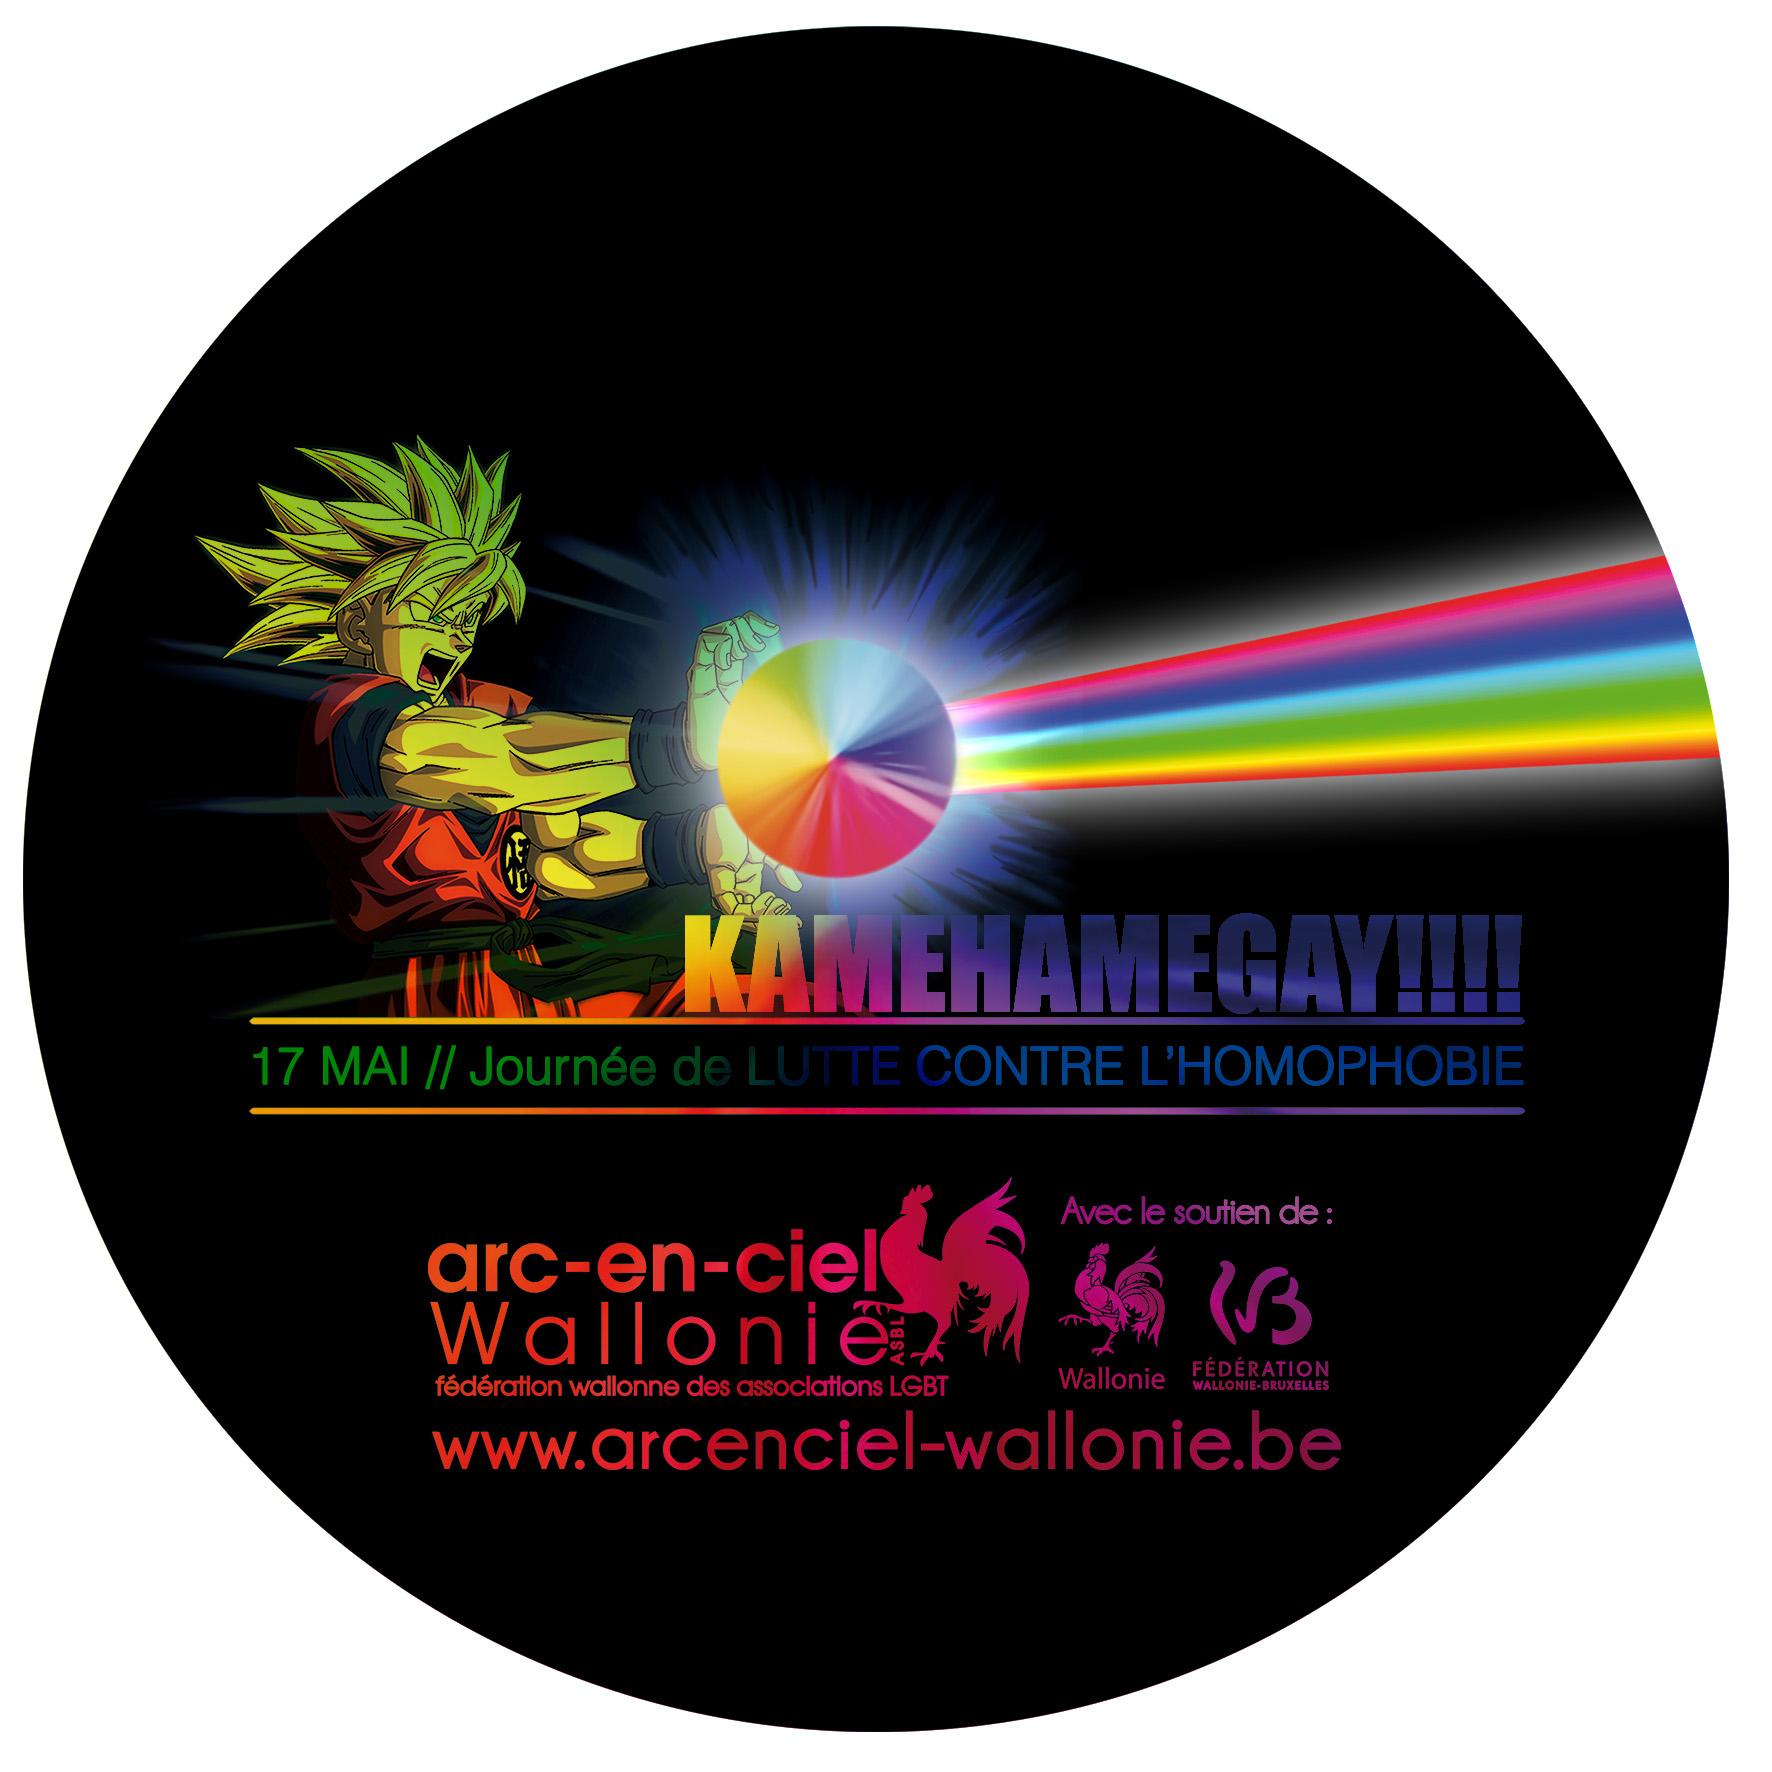 KAMEHAMEGAY-Campagne-ARC-EN-CIEL-AngiePir